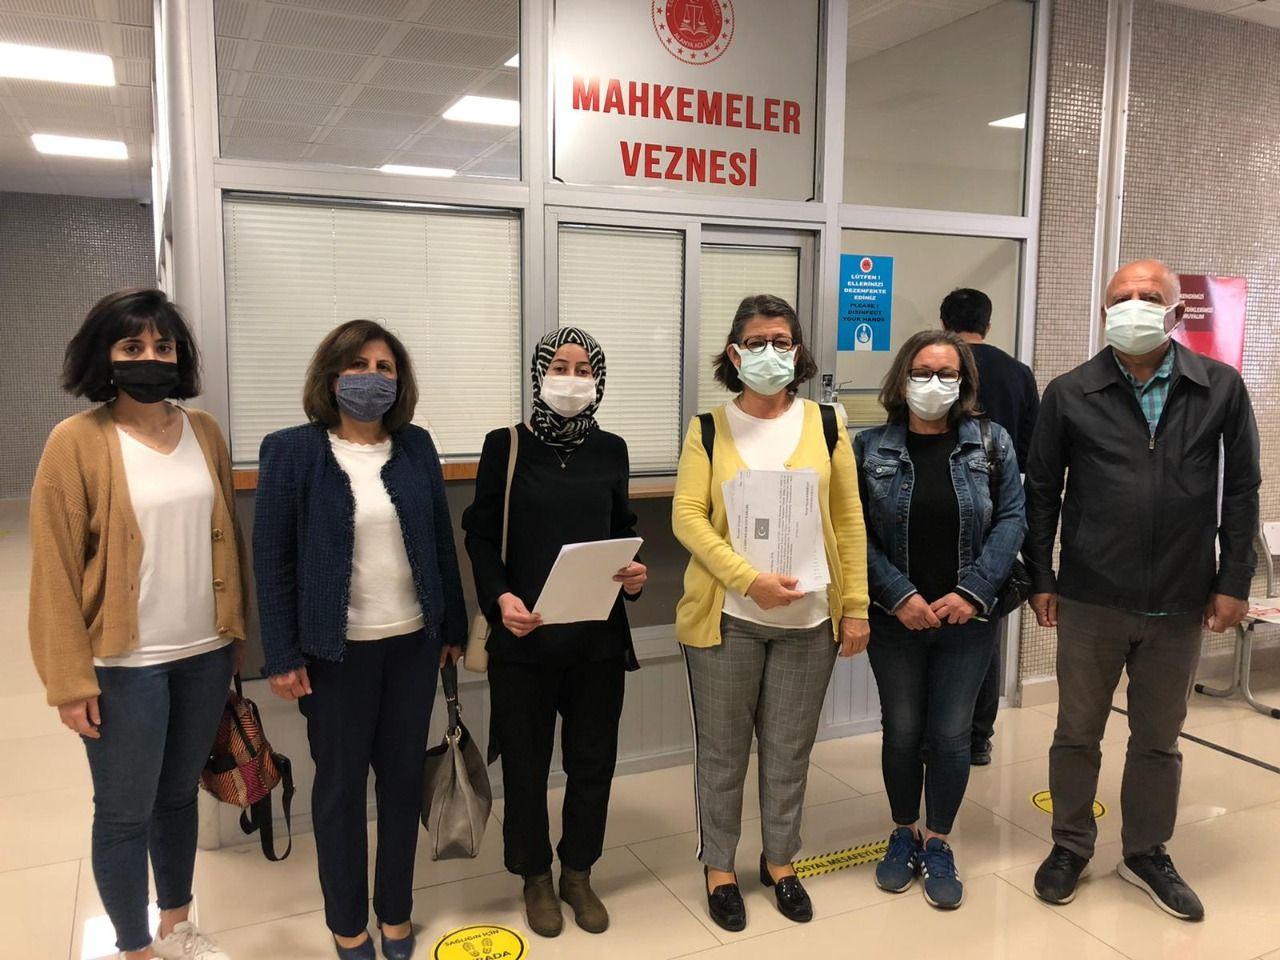 kadın haklarını koruma derneği alanya şubesi,  istanbul sözleşmesinin feshi konusunda yürütmenin durdurulması istemi ile Danıştay'a dava açtı